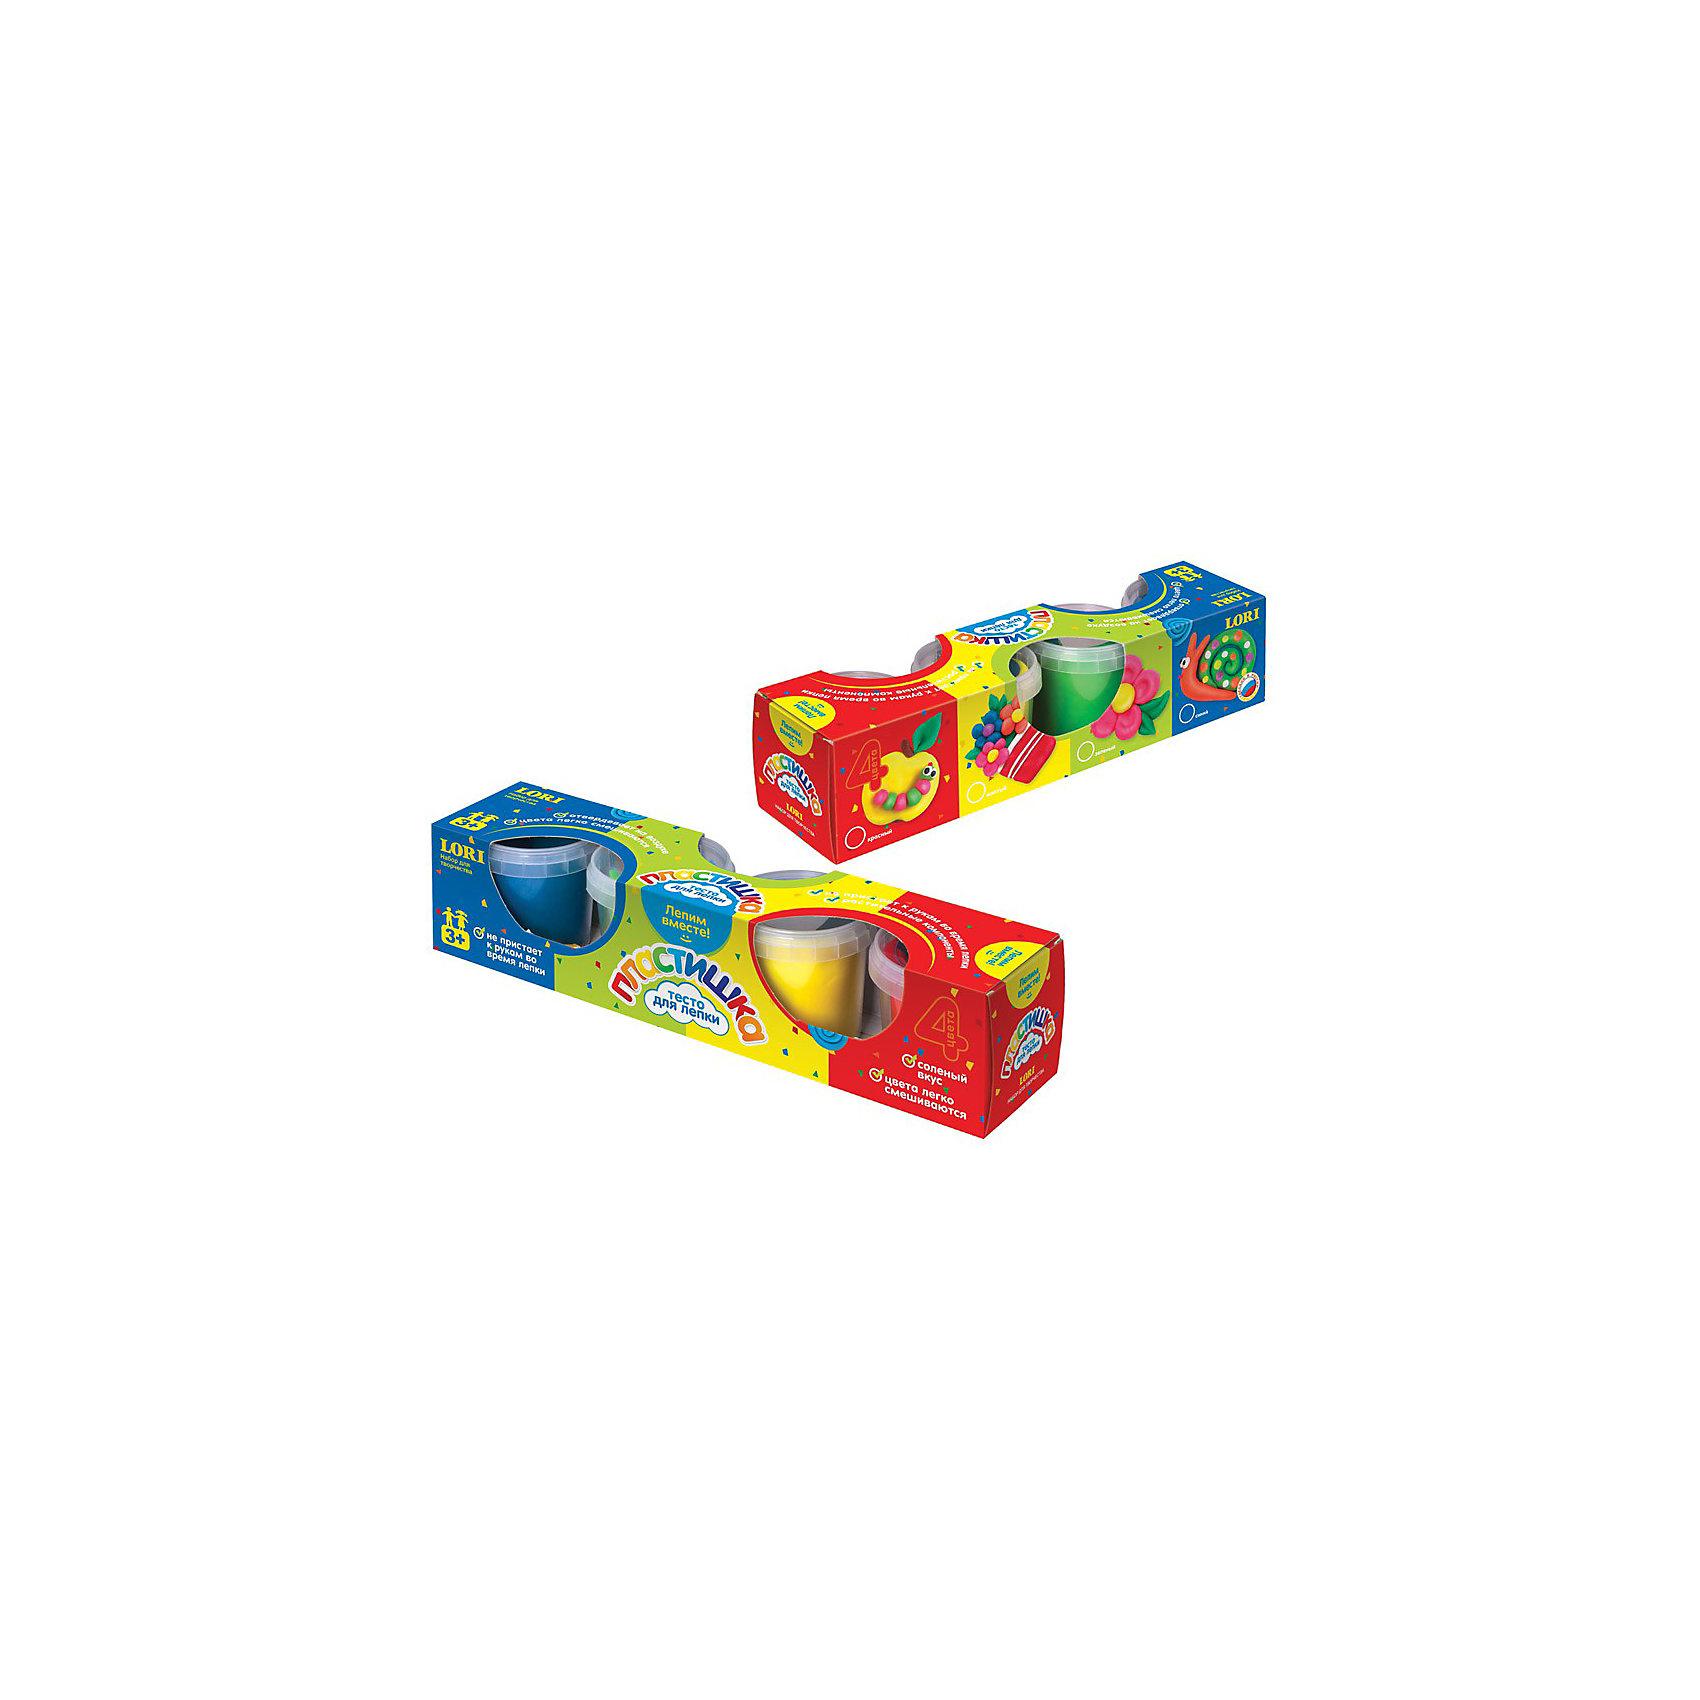 Набор теста для лепки №4, 4 цвета, LORIЛепка<br>Набор теста для лепки №4, 4 цвета, LORI (Лори) предназначен для увлекательной лепки. Лепка из соленого теста различных цветов – одно из самых  увлекательных занятий для ребенка, являющееся более простым способом изображения по сравнению с рисованием. Яркие цвета помогут вдохнуть жизнь в каждое творение малыша.<br><br>Характеристики:<br>-Цвета легко смешиваются<br>-Тесто не пристает к рукам во время лепки, затвердевает на воздухе<br>-Набор для лепки идеально подходит для развития мелкой моторики и фантазии у детей<br>-Не содержит токсичных веществ<br><br>Комплектация: 4 цвета теста по 100 грамм (желтый, красный, синий, зеленый)<br><br>Дополнительная информация:<br><br>-Материалы: мука, вода, ароматизатор, краситель<br>-Вес в упаковке: 484 г<br>-Размеры упаковки: 7 х 7 х 30 см<br><br>Работа с тестом для лепки подарит вашему ребенку положительные эмоции, а также поможет развить мелкую моторику рук, внимательность и усидчивость!<br><br>Набор теста для лепки №4, 4 цвета, LORI (Лори) можно купить в нашем магазине.<br><br>Ширина мм: 70<br>Глубина мм: 298<br>Высота мм: 70<br>Вес г: 484<br>Возраст от месяцев: 36<br>Возраст до месяцев: 120<br>Пол: Унисекс<br>Возраст: Детский<br>SKU: 3635122